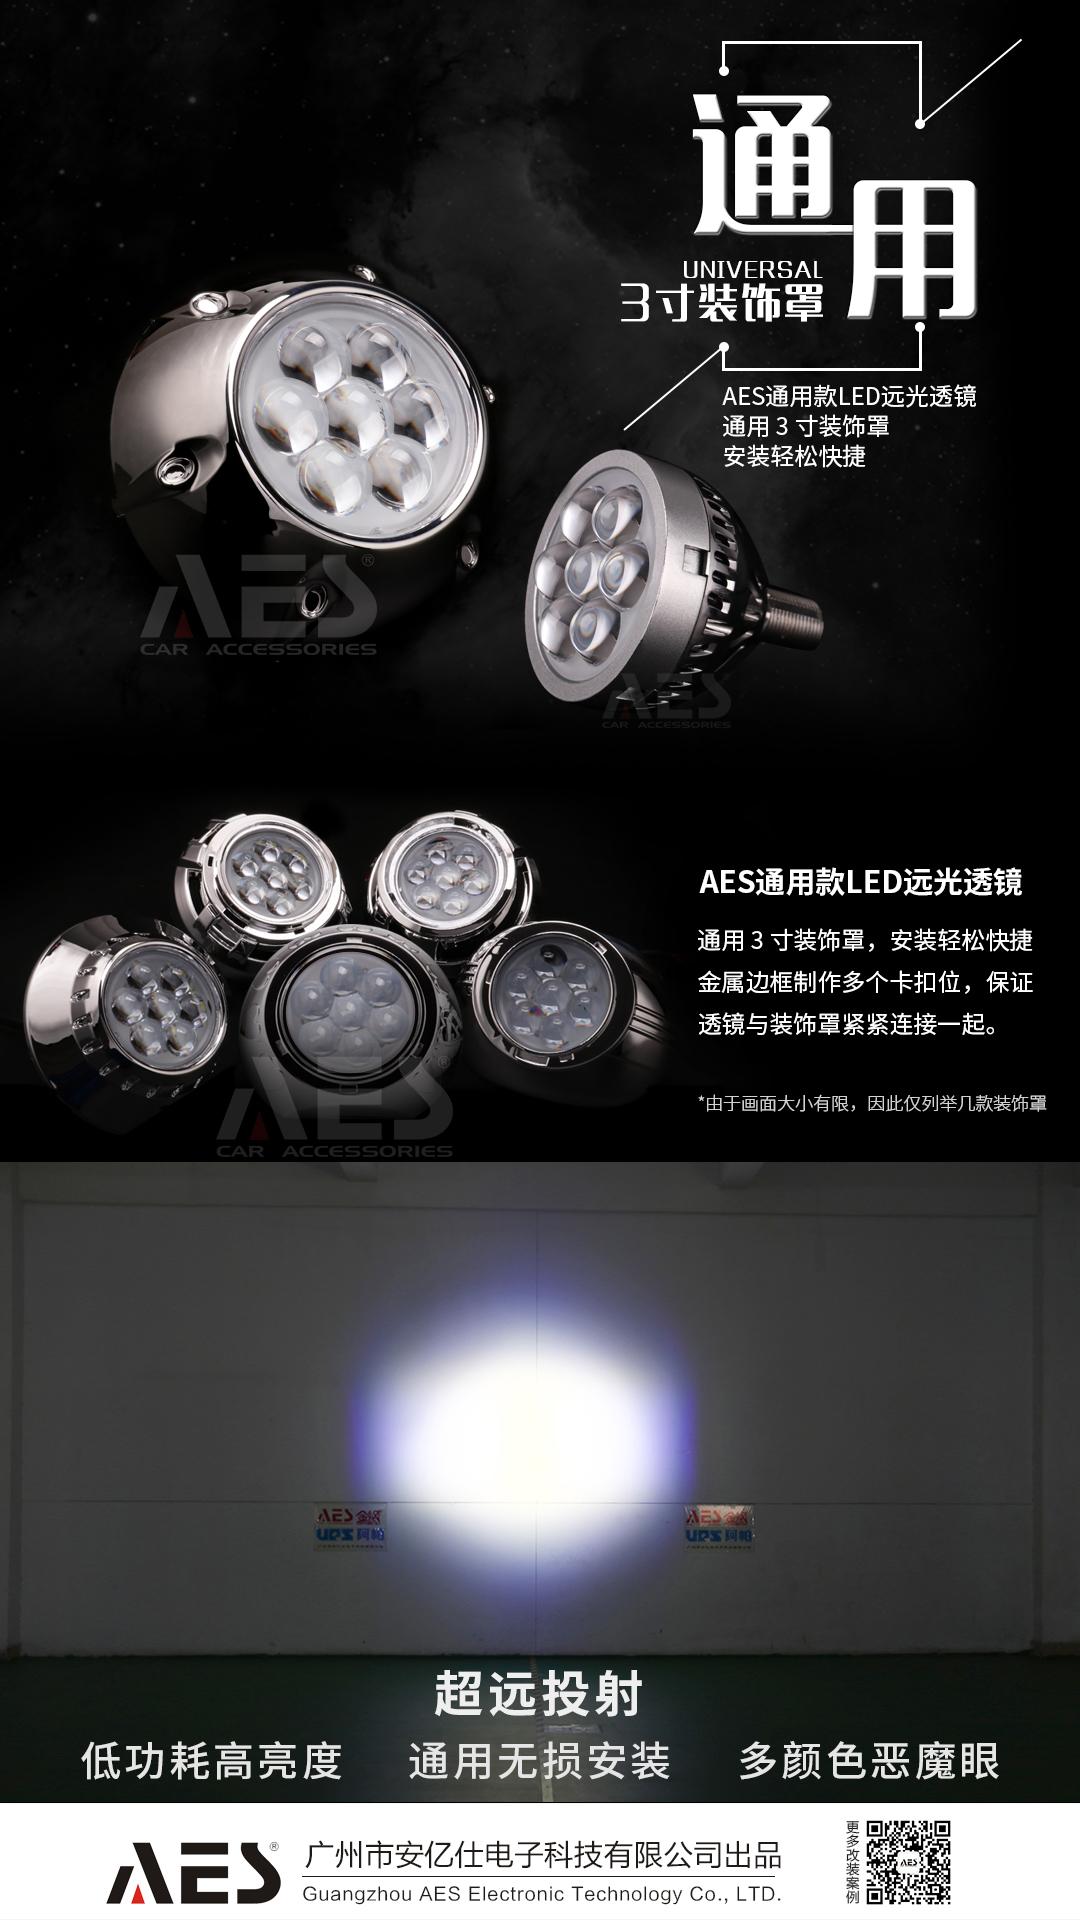 AES通用LED远光灯-装饰罩.jpg